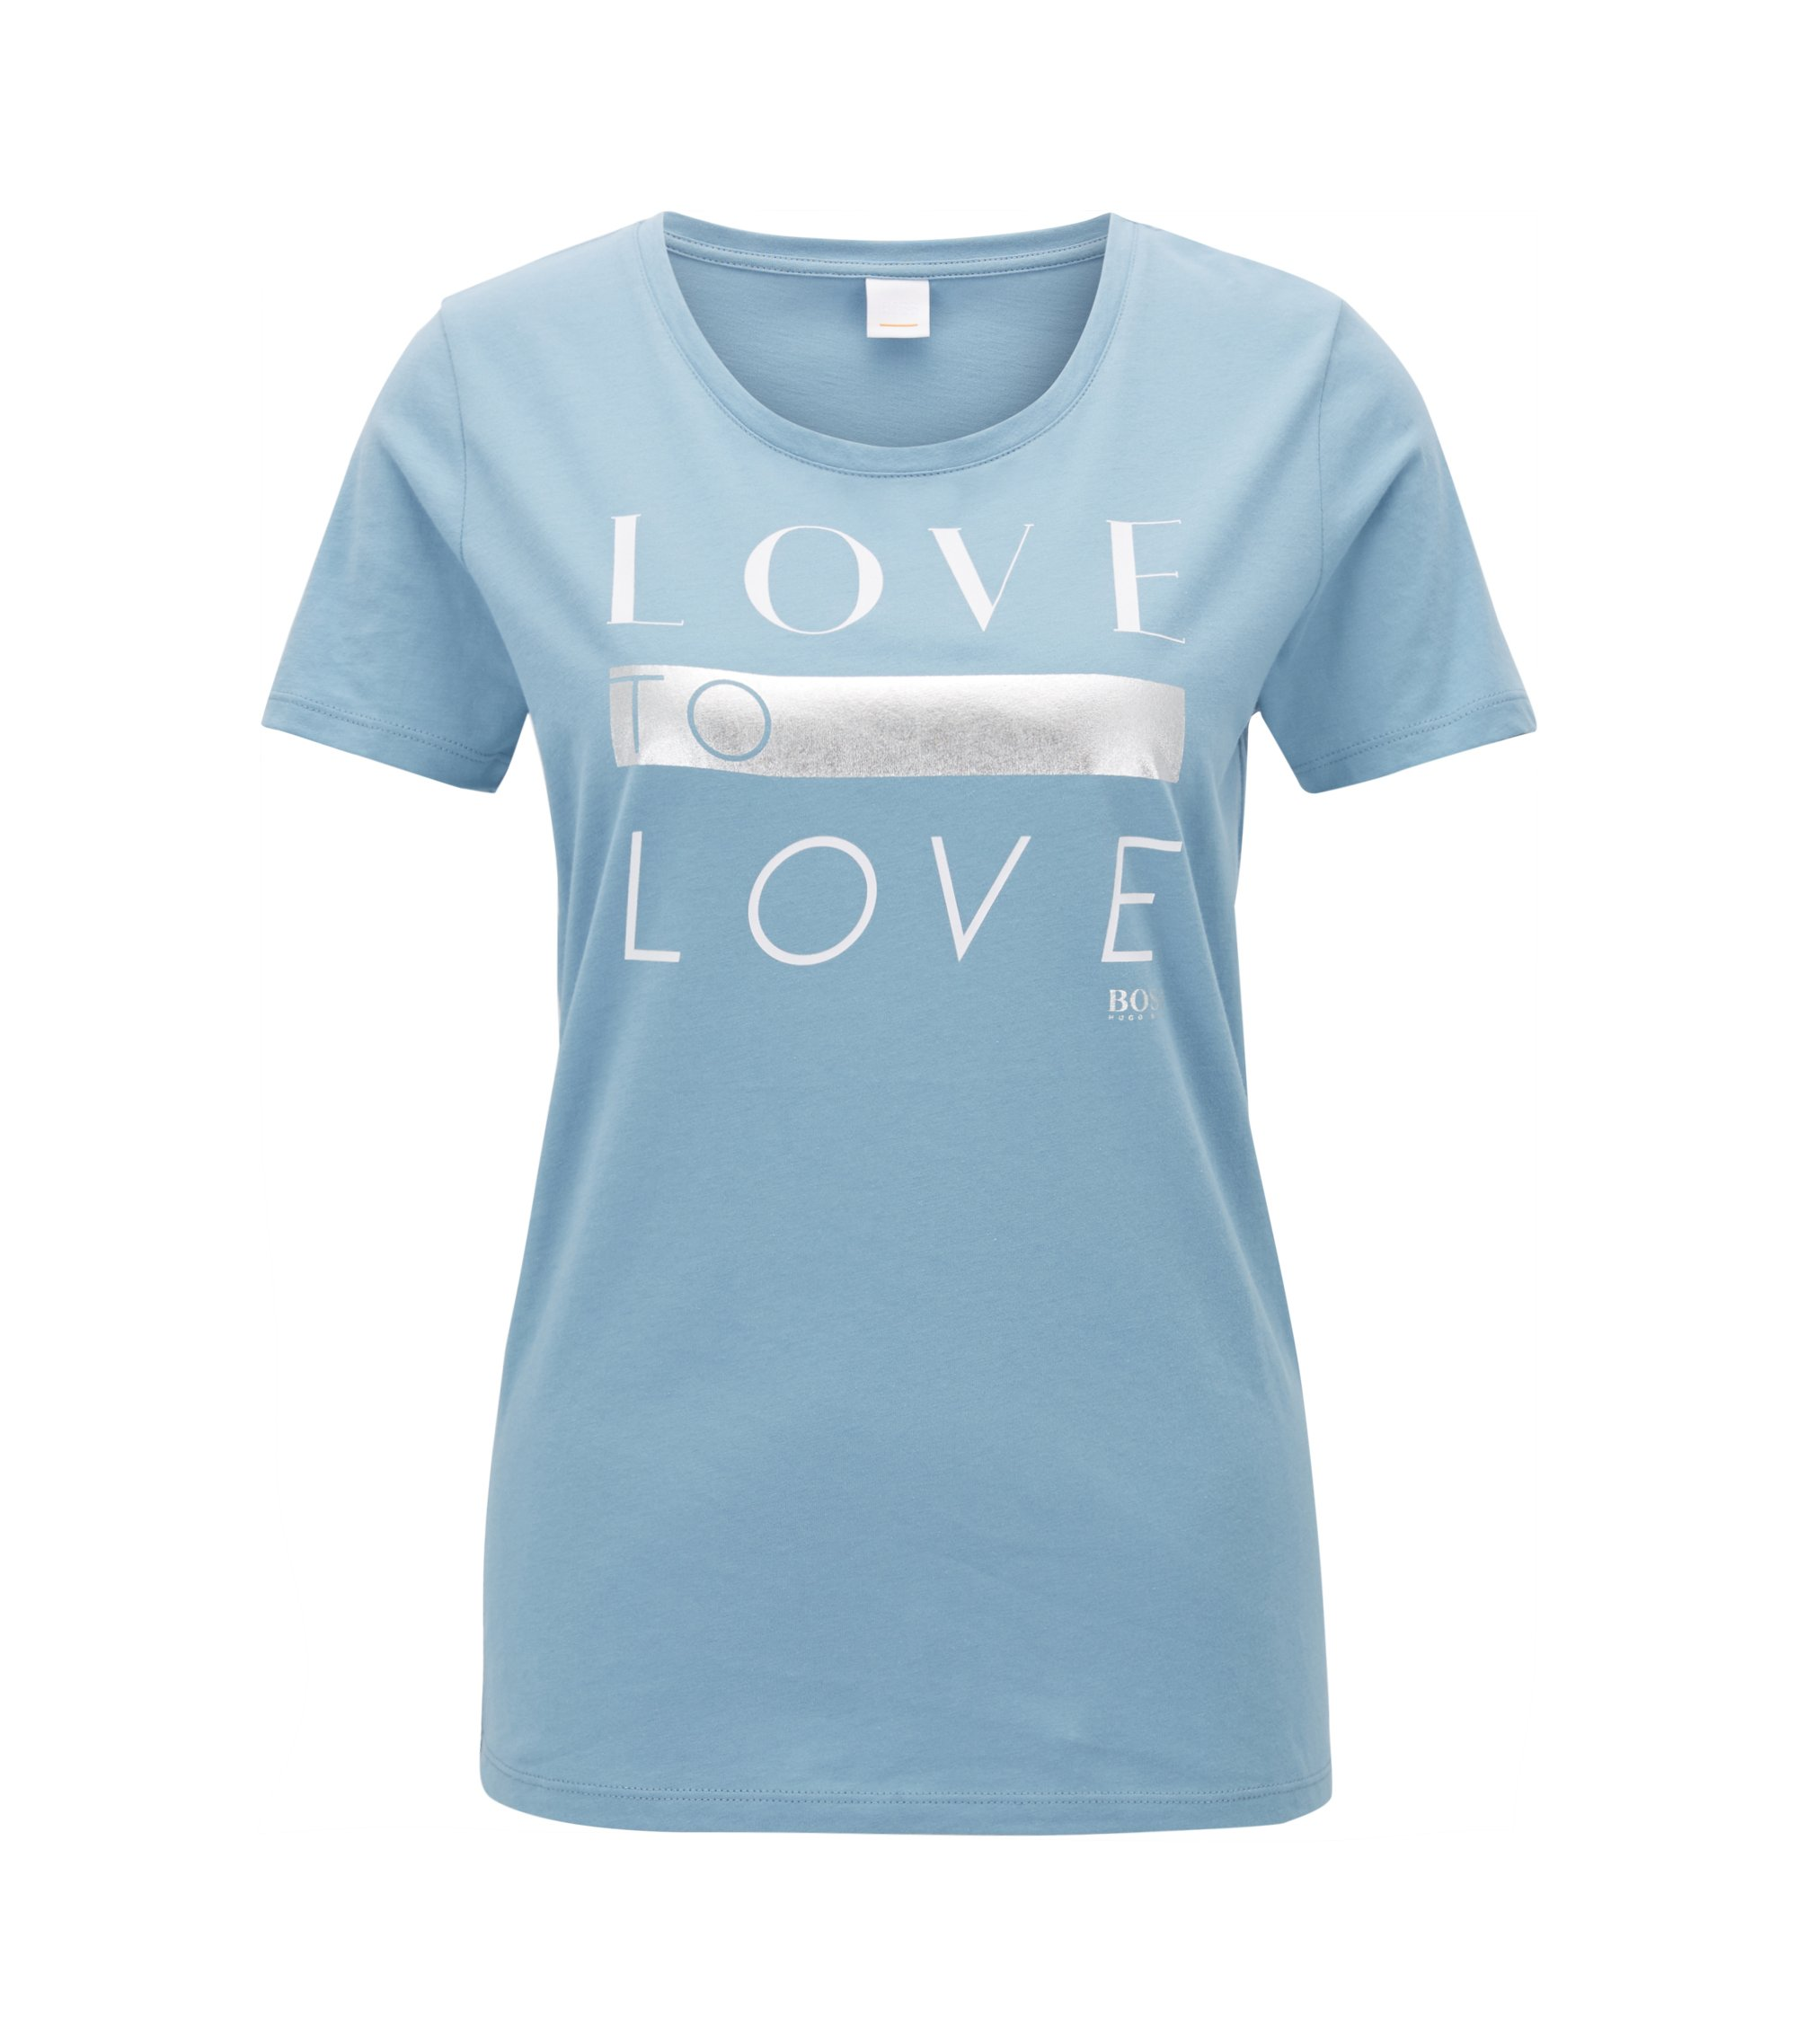 T-Shirt aus Baumwoll-Jersey mit aufgedrucktem Slogan, Hellblau